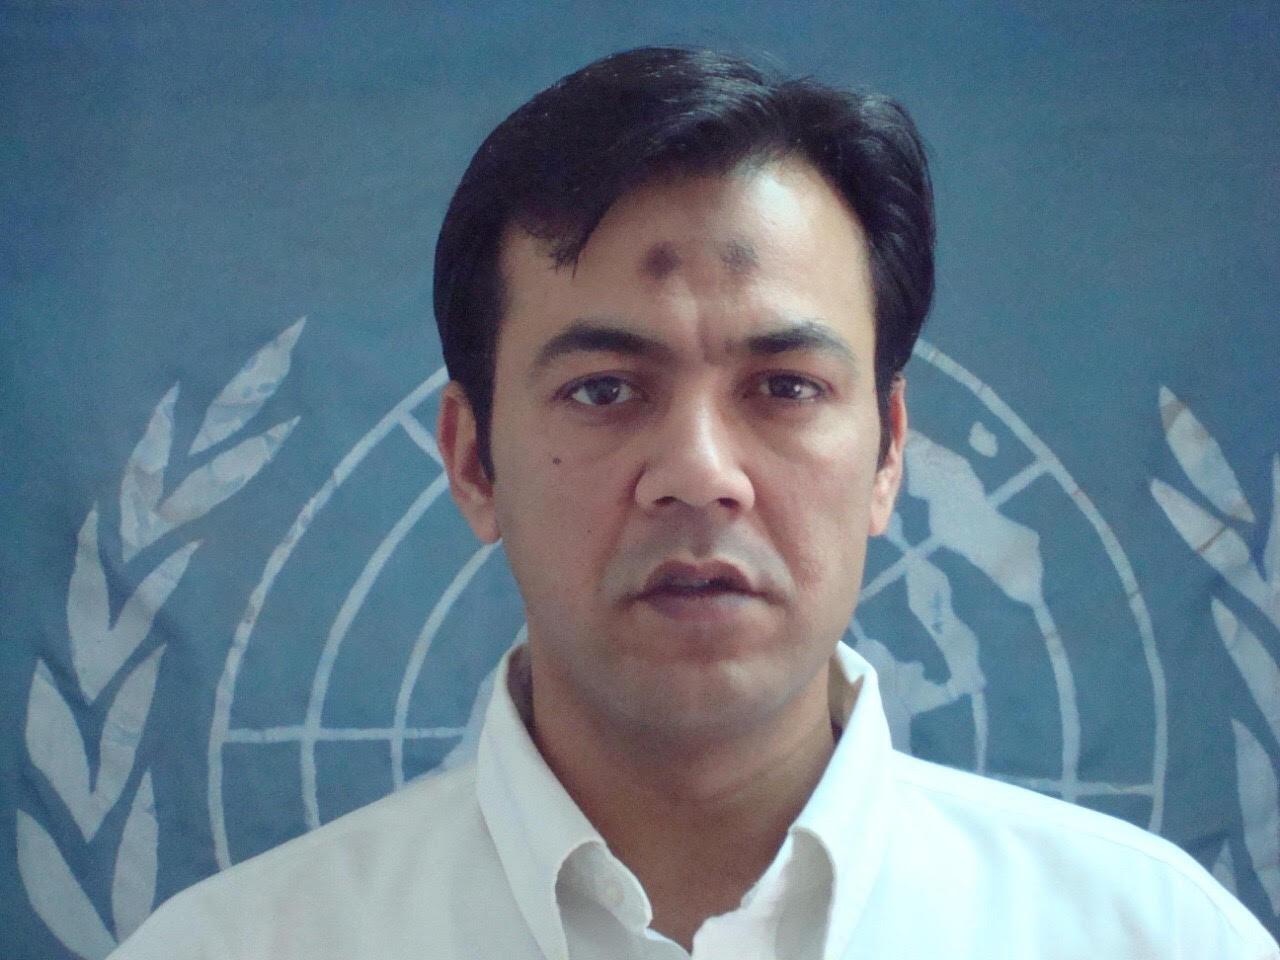 Abdul Wadood